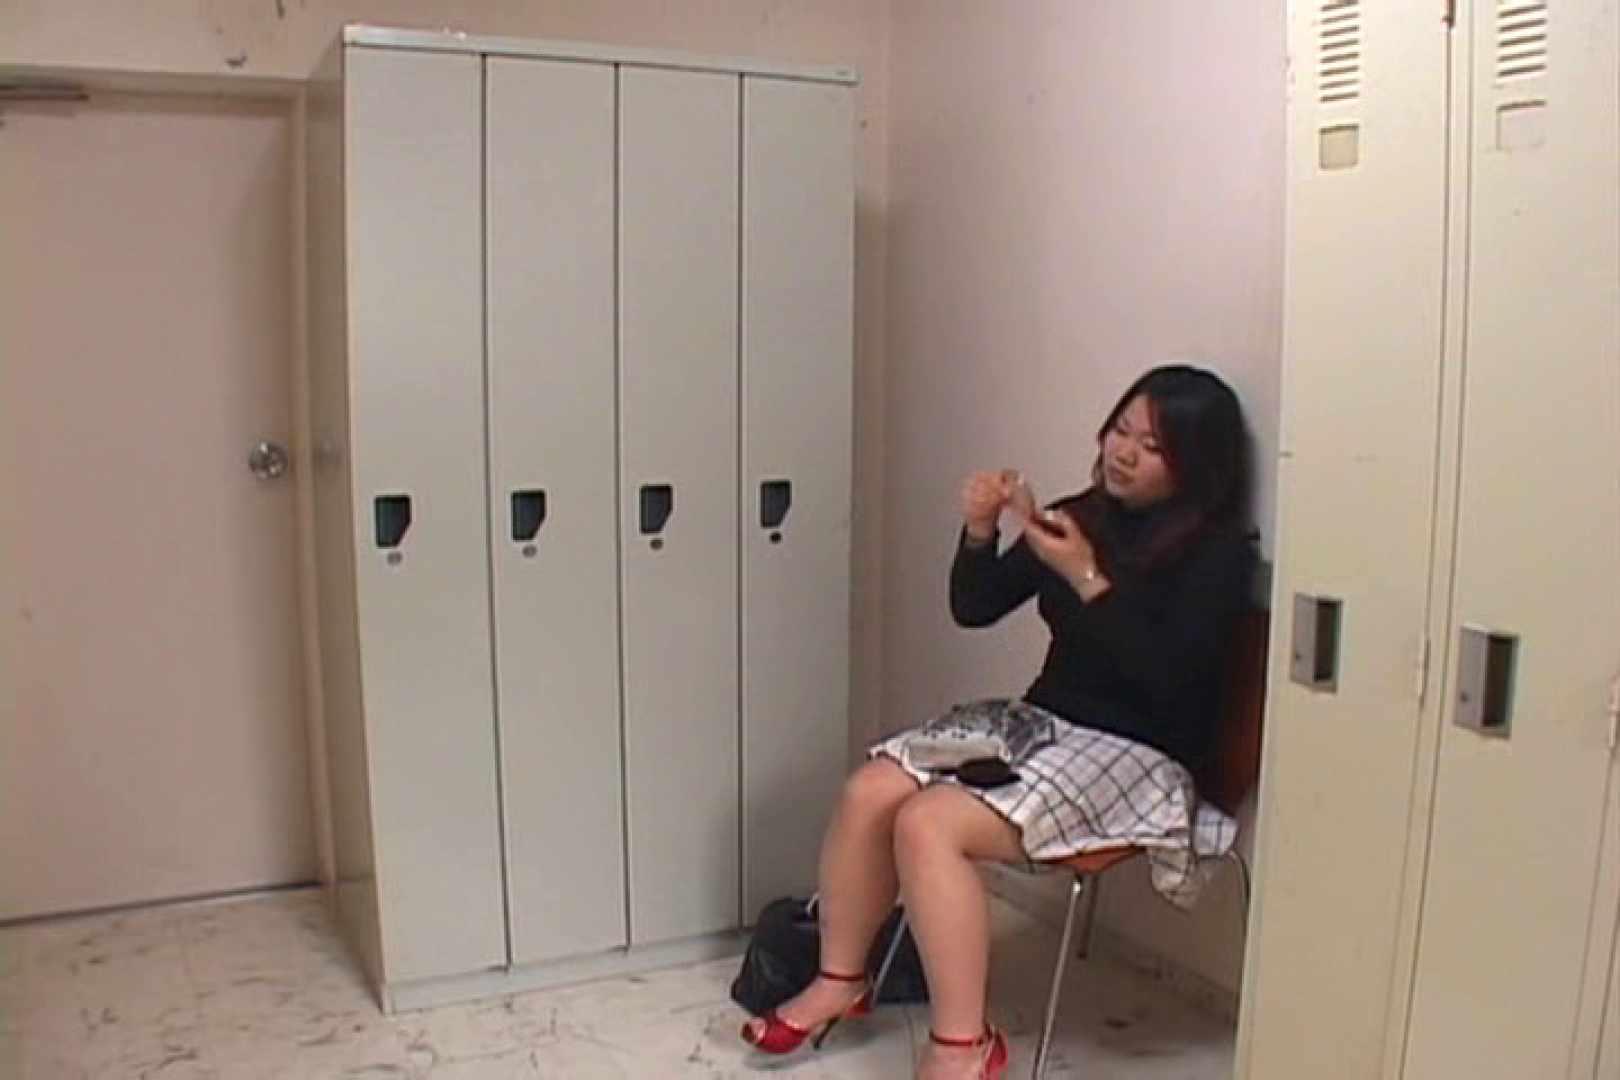 キャバ嬢舞台裏Vol.5 パンツ 濡れ場動画紹介 41連発 18